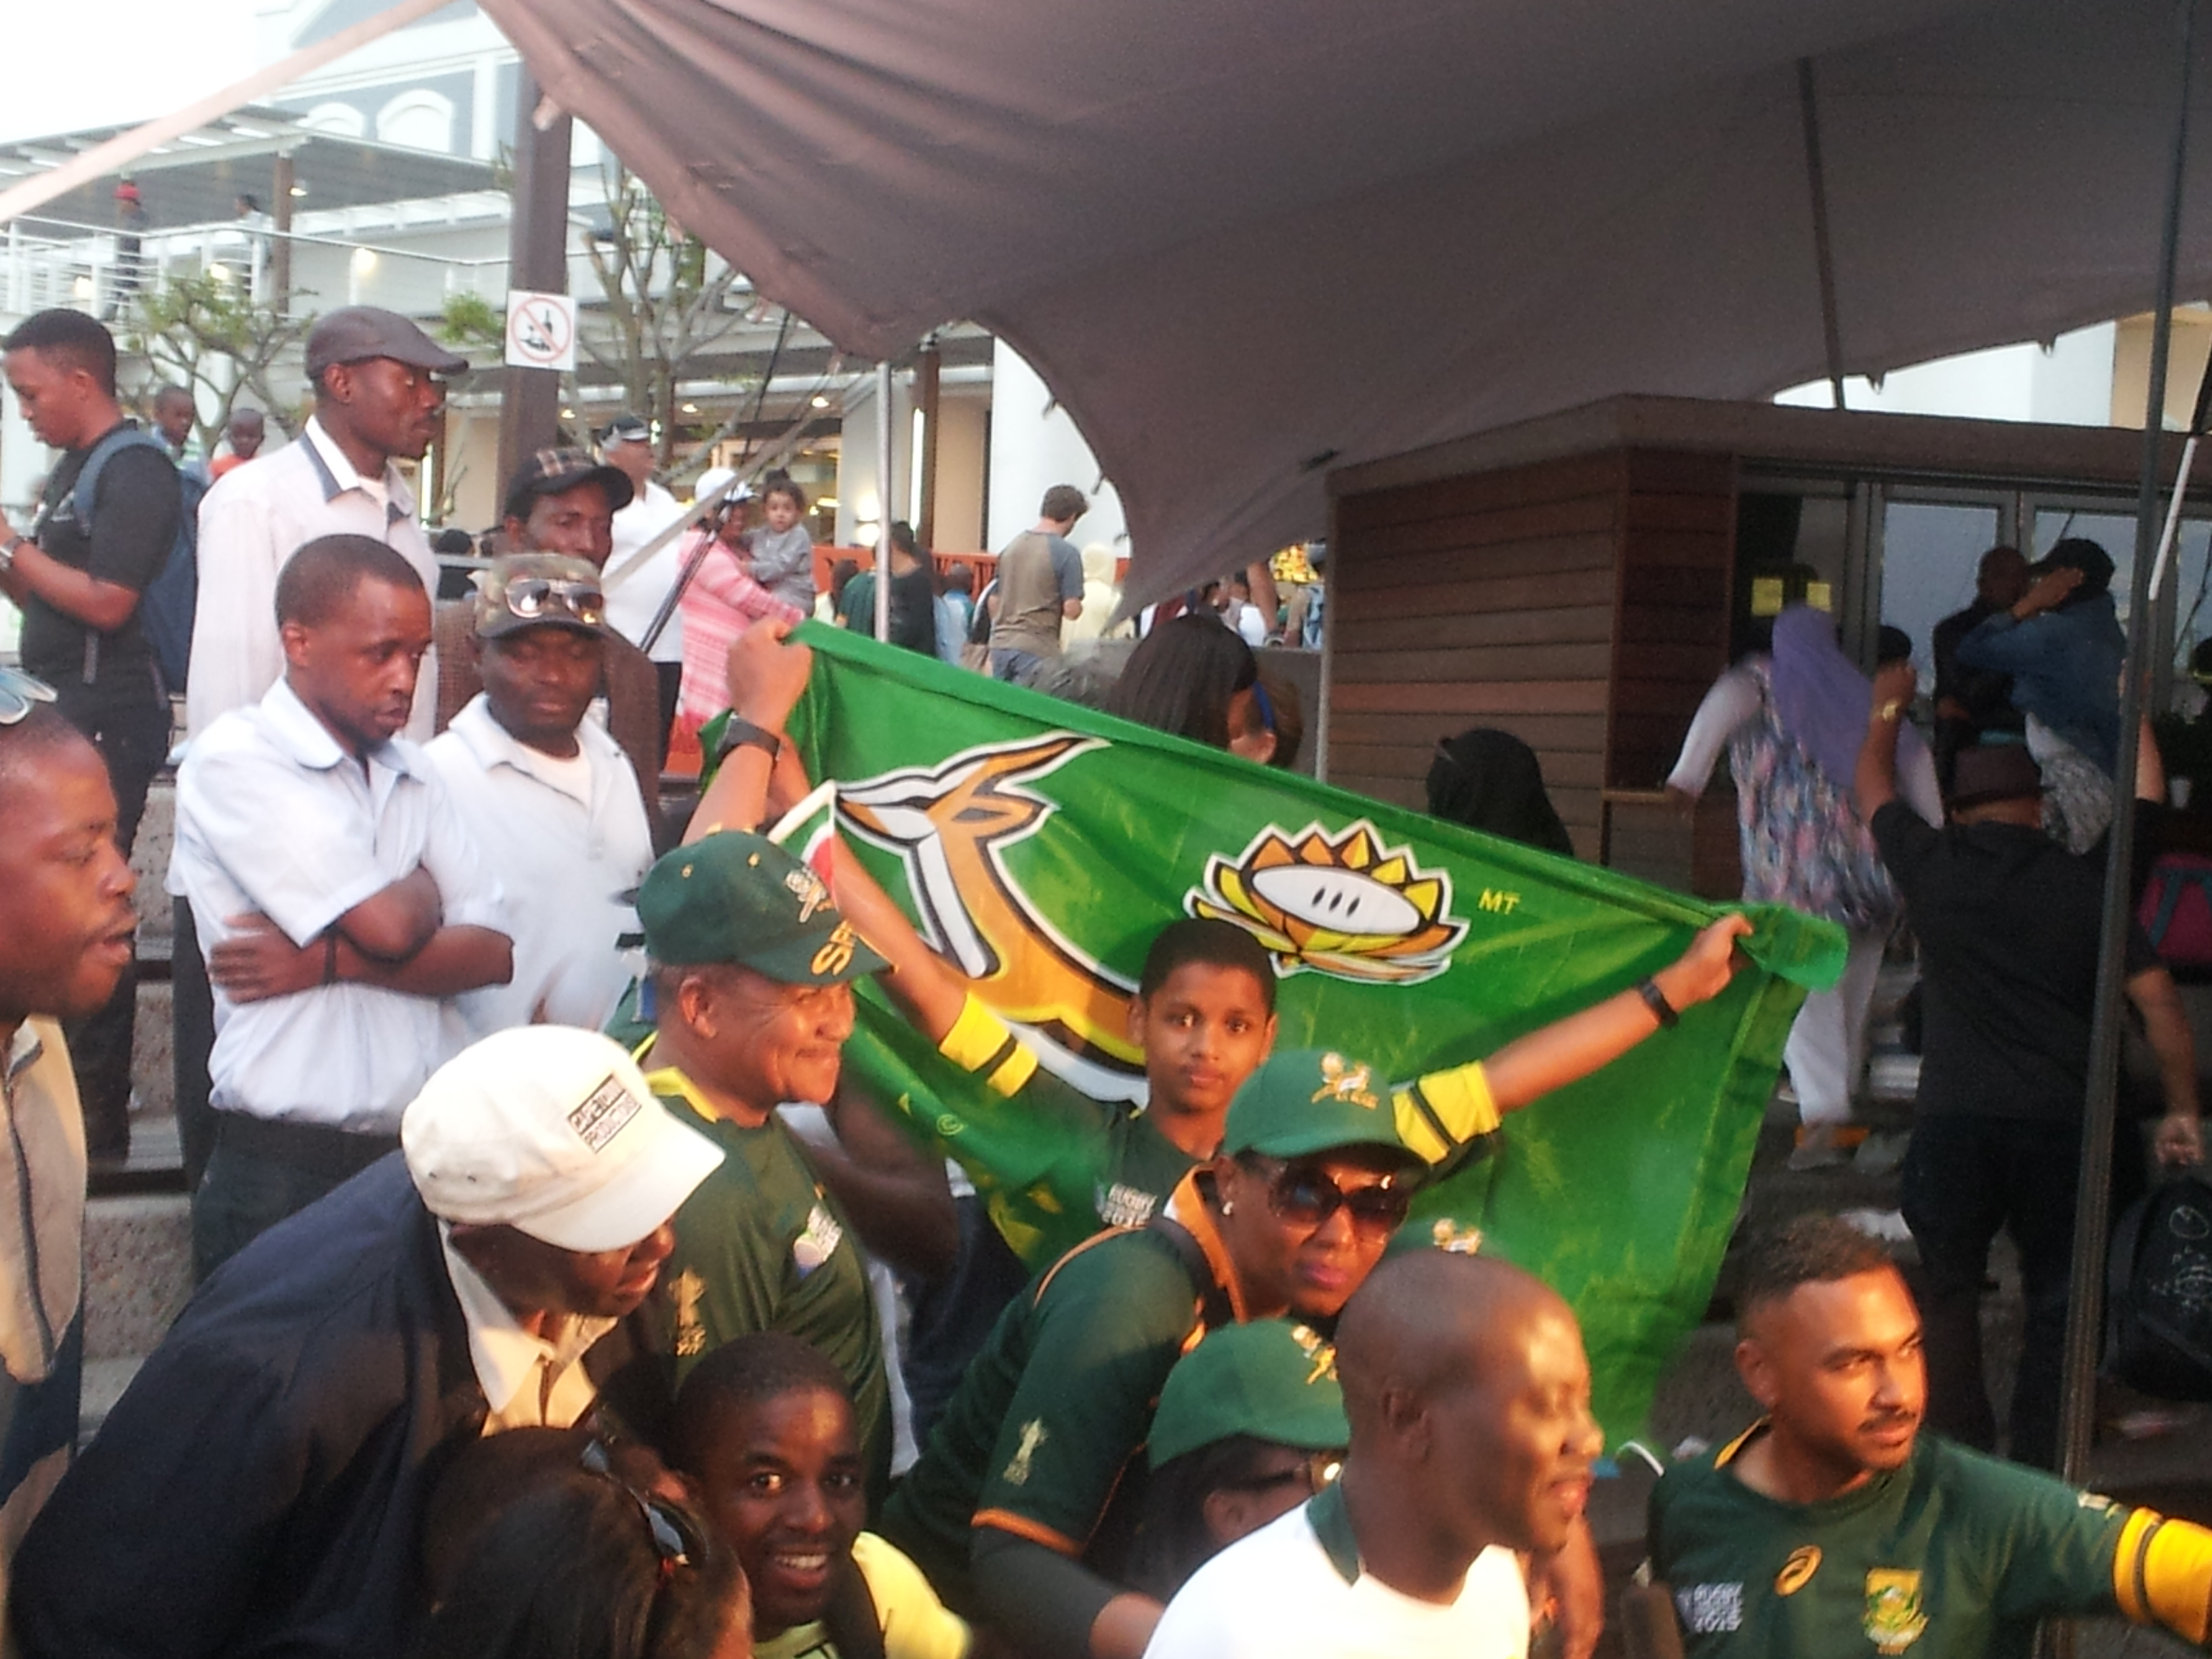 Un match des Springboks en Afrique du Sud